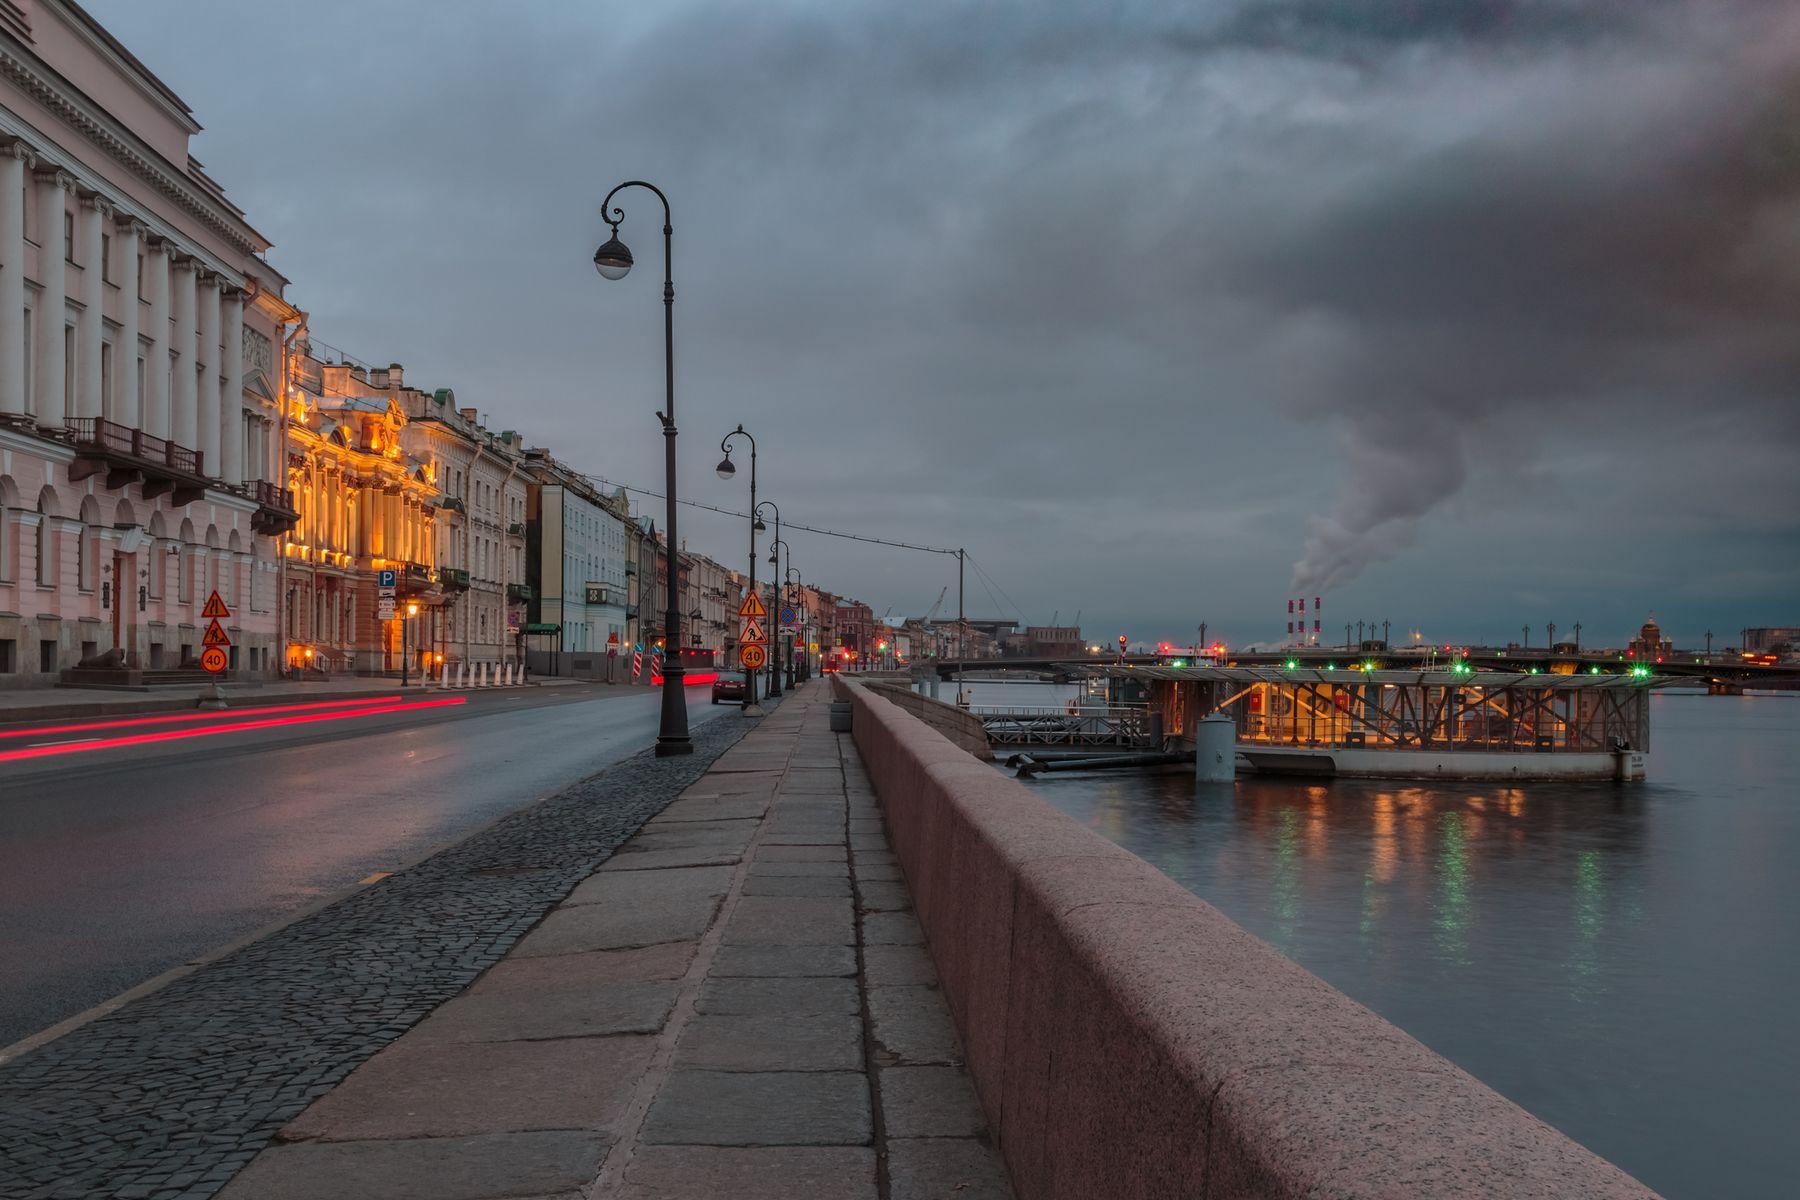 Тонкие красный линии позднего апреля Санкт-Петербург утро раннее река отражение Нева синий час